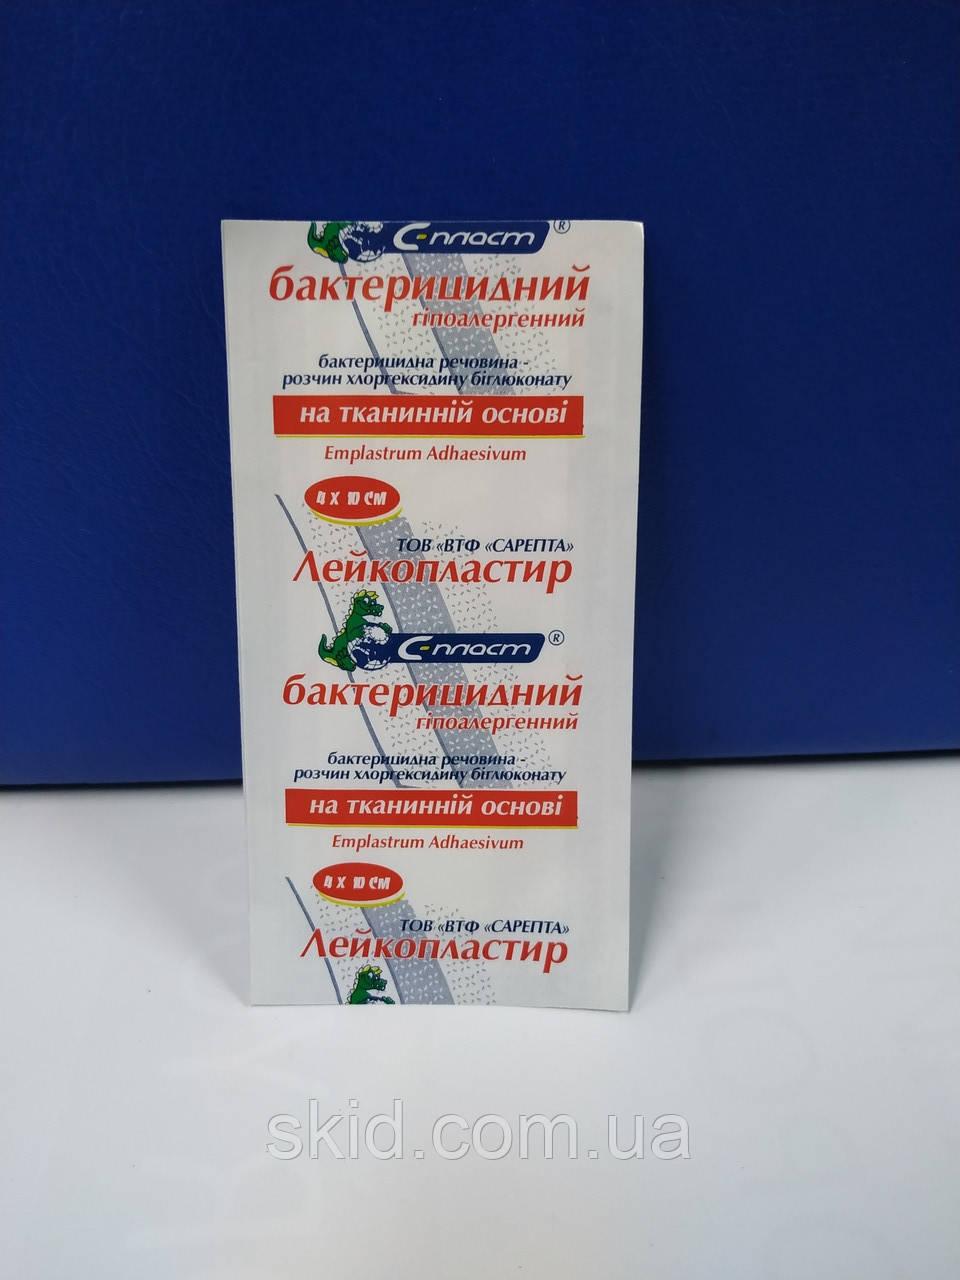 Лейкопластир  бактерицидний с-пласт 4 х 10. уп., на тканинній основі